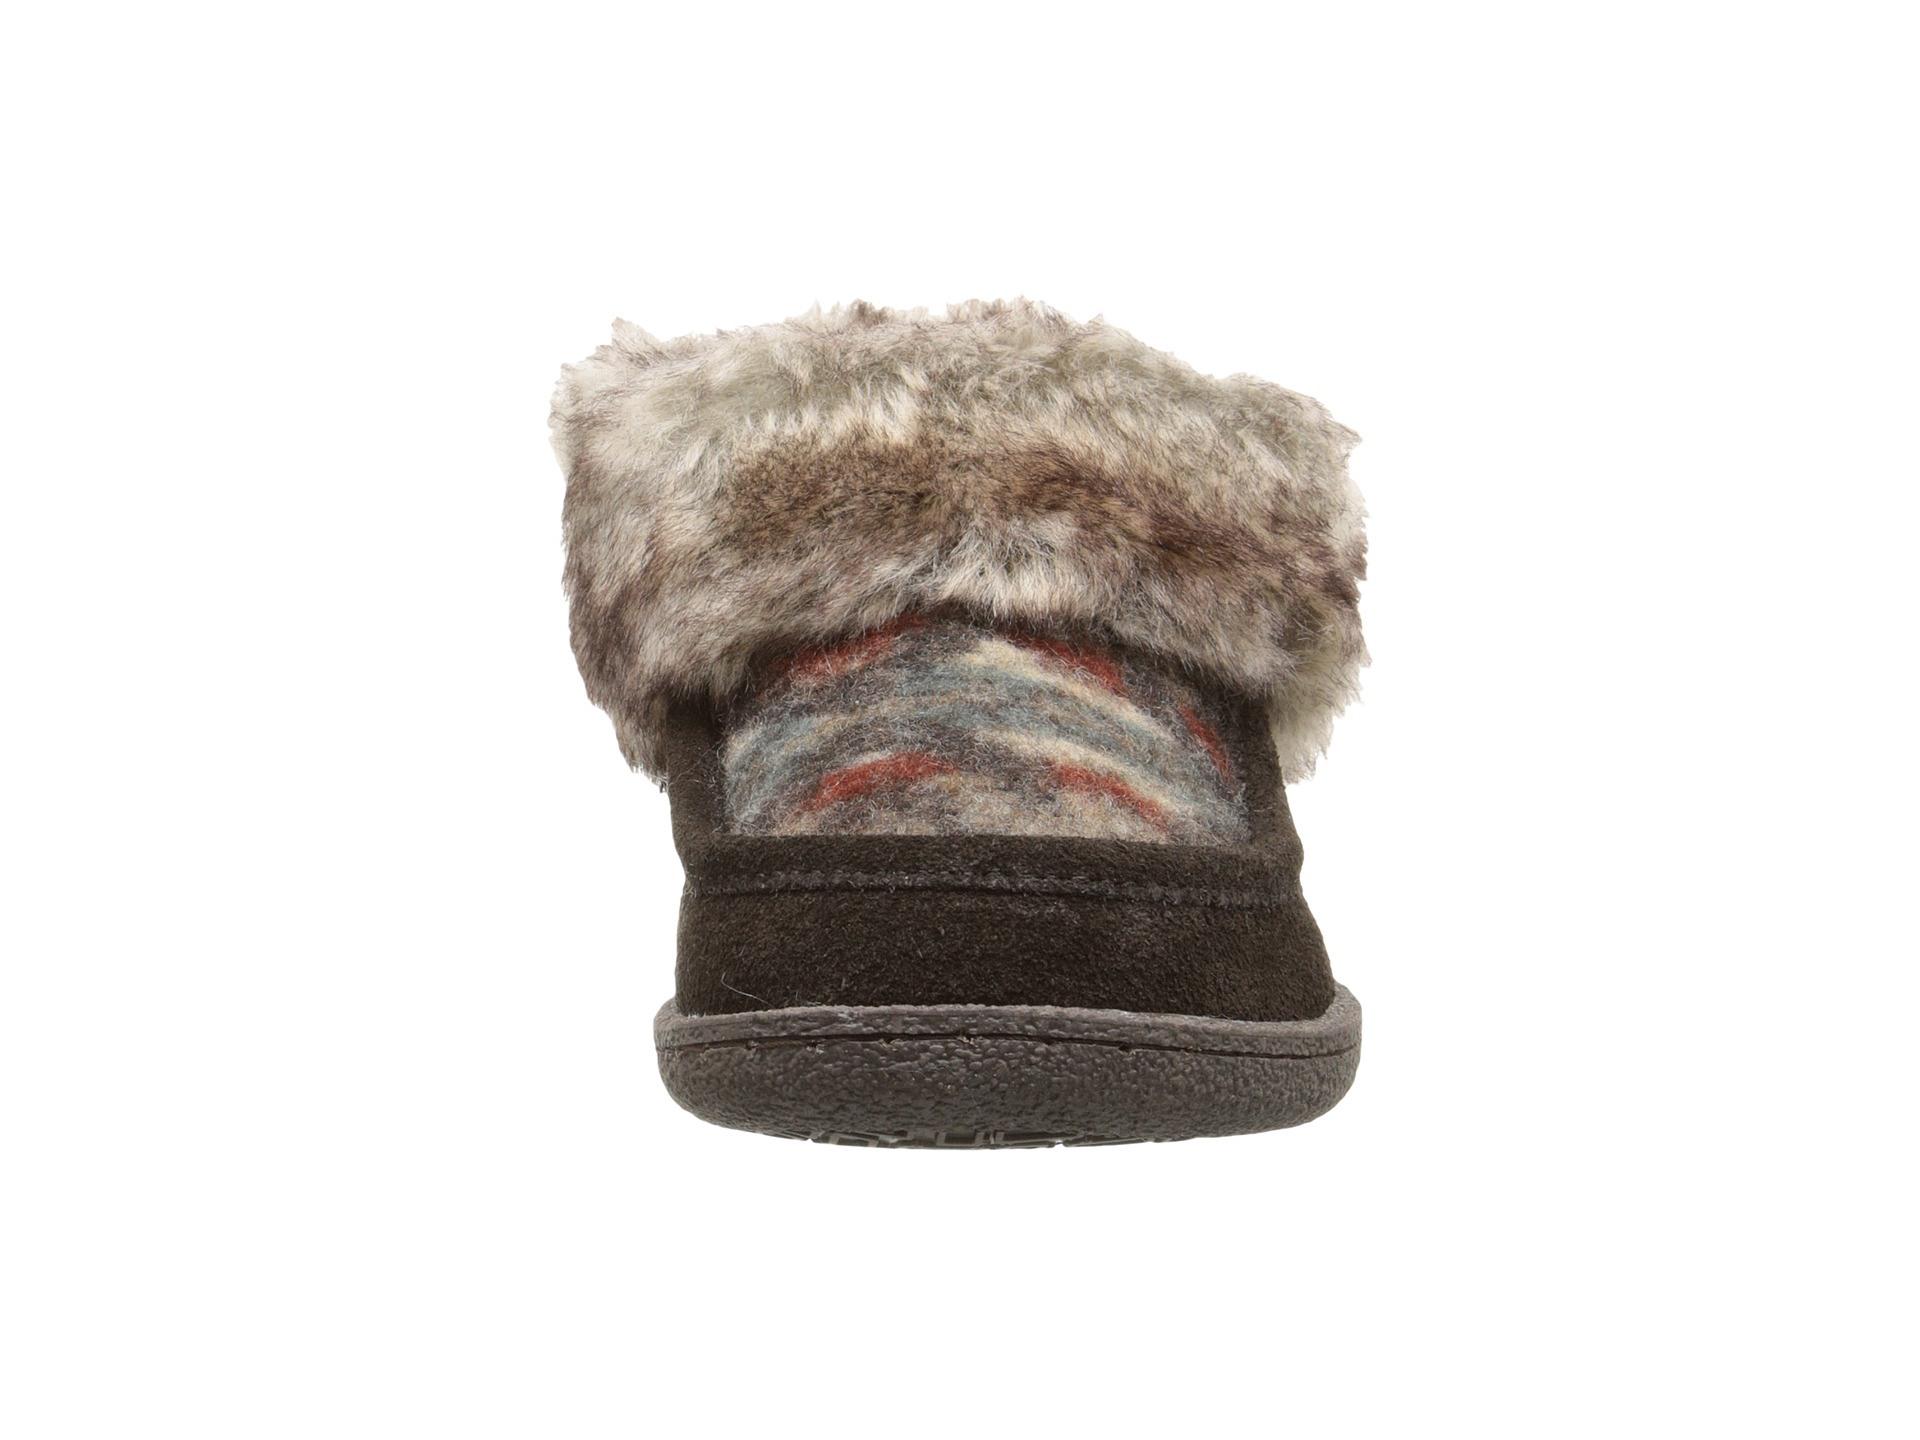 Warm Max Side Stitch TPR Sole Memory Foam Slipper